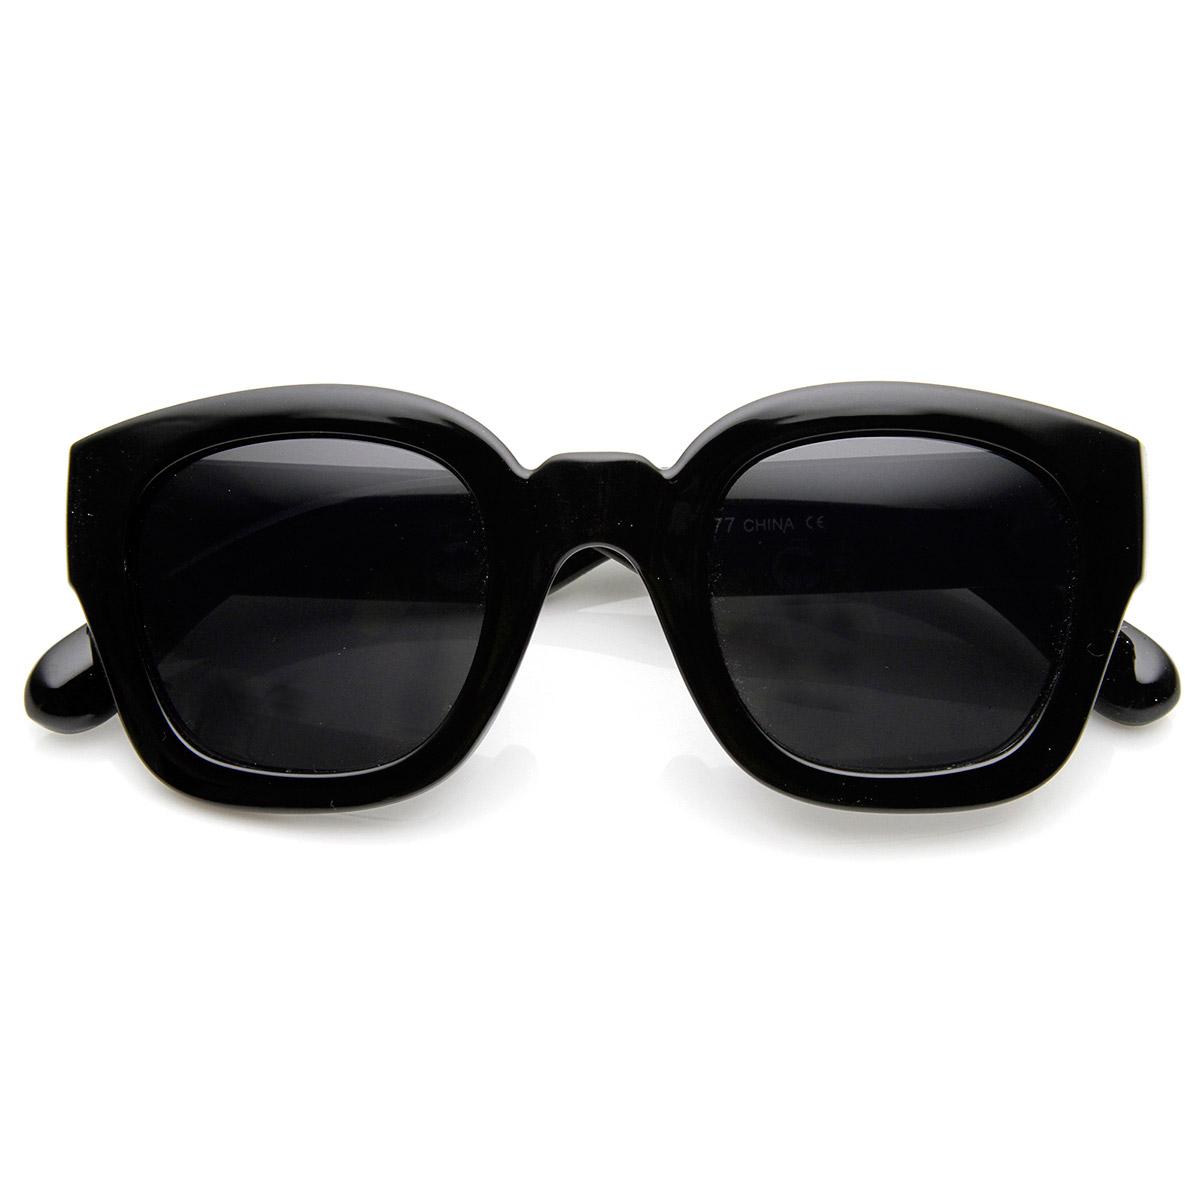 sunglassLA Bold Rim Thick Frame Retro Square Frame Sunglasses | eBay